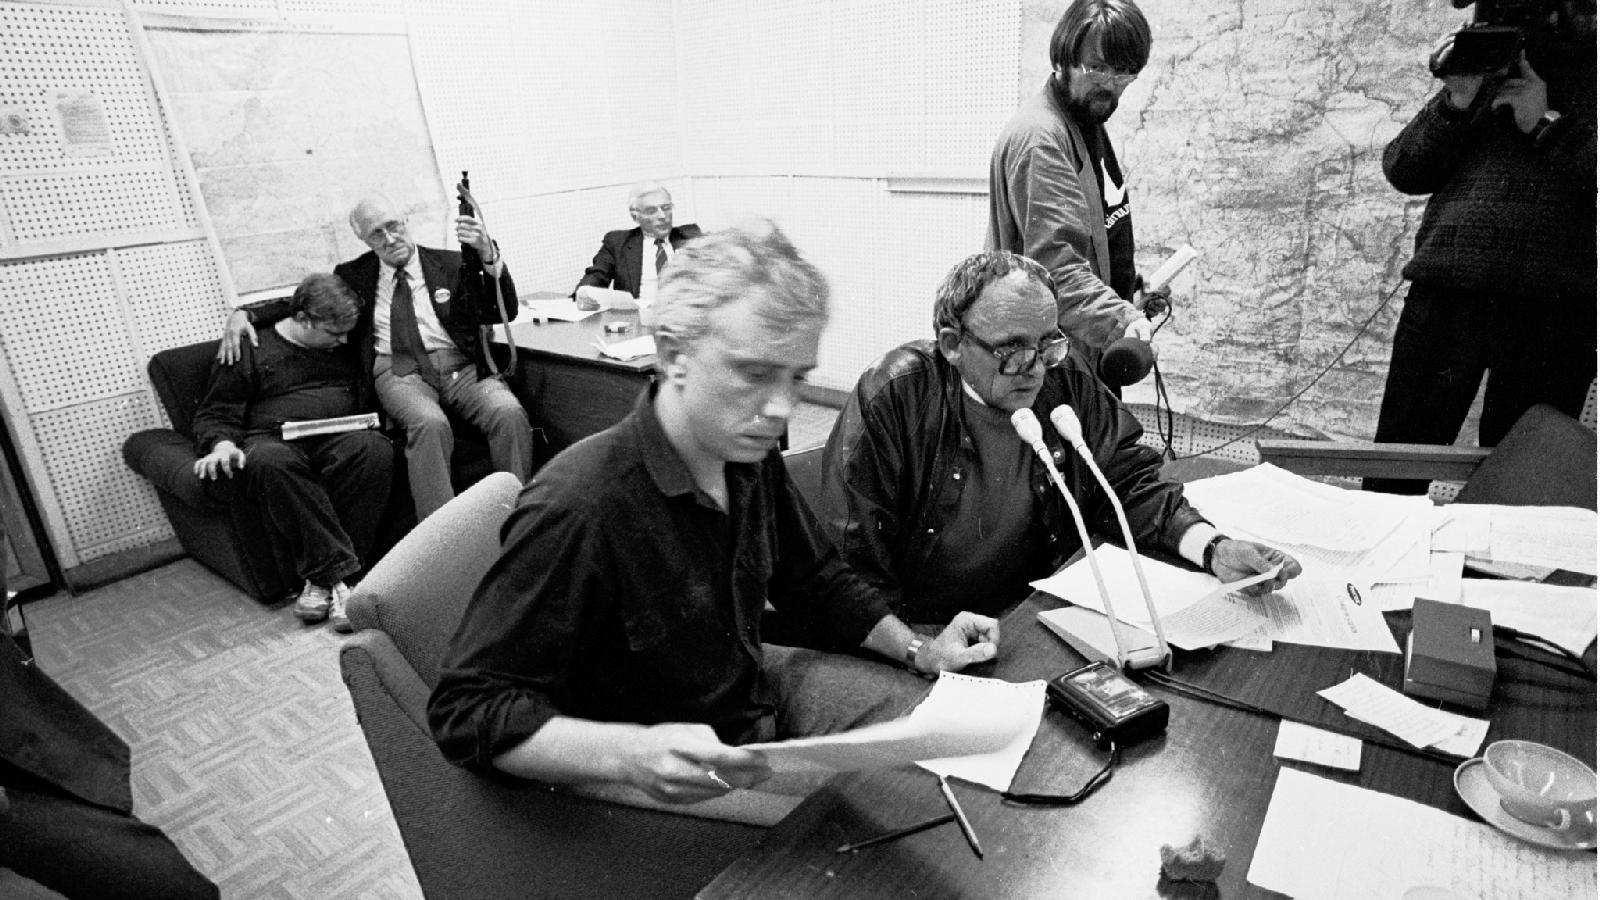 Владимир Старков («Аргументы и факты») Виталий Третьяков («Независимая газета») Владислав Фронин («Комсомольская правда») Владимир Яковлев («Коммерсант») Егор Яковлев («Московские новости») 19 августа 1991.